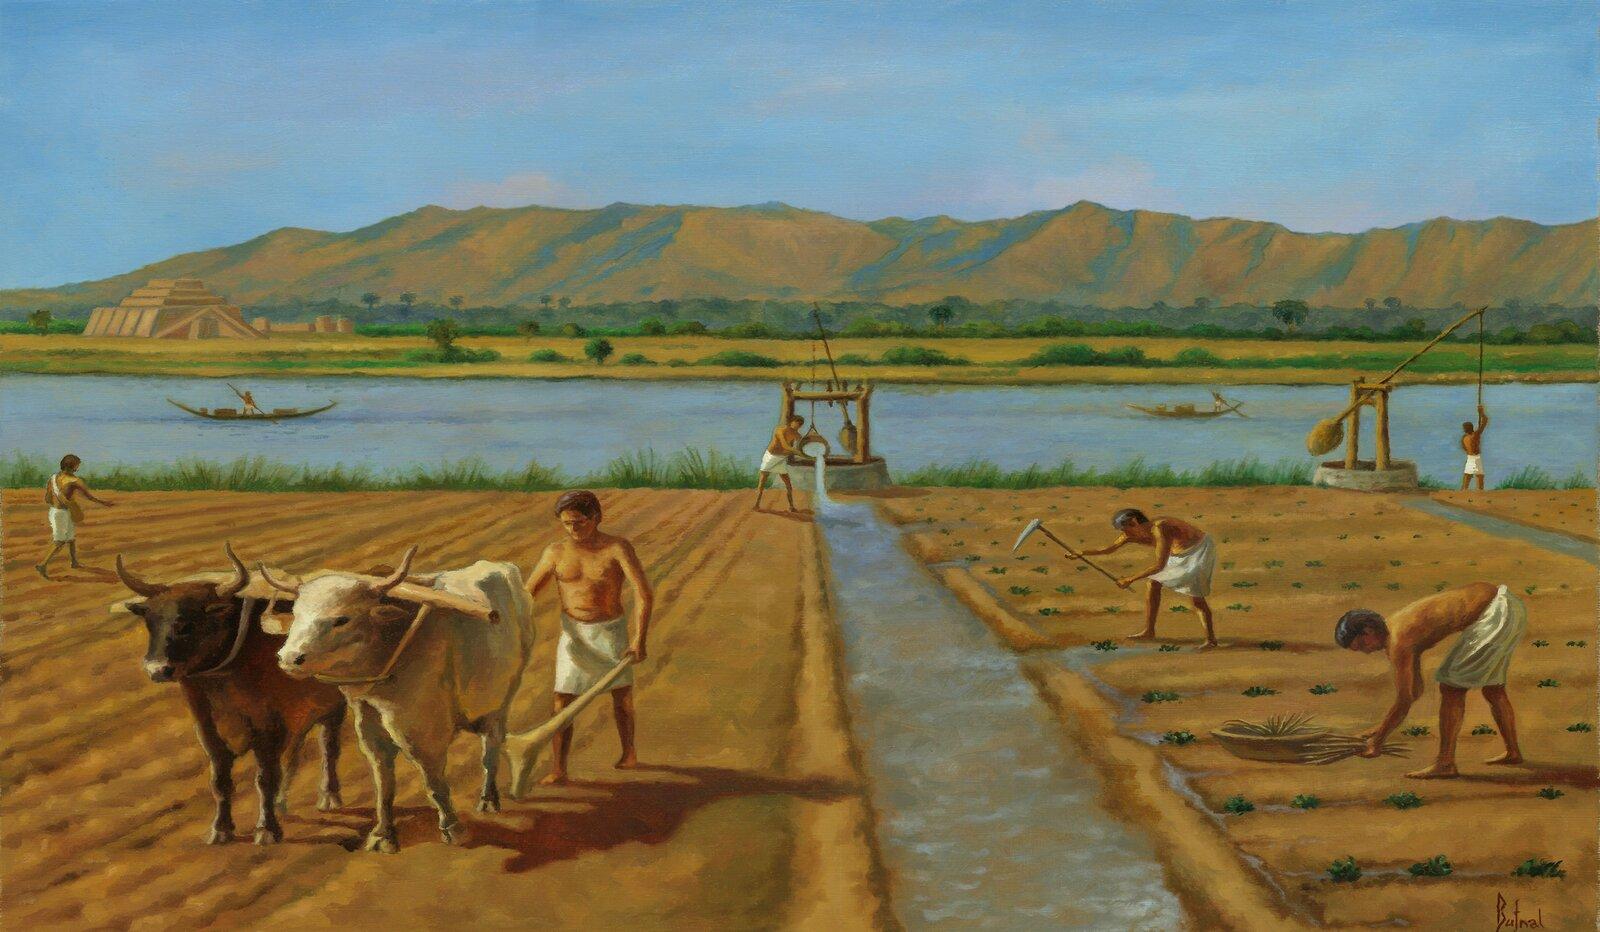 Starożytni rolnicy za pomocą żurawia nabierali zrzeki wodę, anastępnie wlewali ją do kanałów. Starożytni rolnicy za pomocą żurawia nabierali zrzeki wodę, anastępnie wlewali ją do kanałów. Źródło: Contentplus.pl sp. zo.o., Dariusz Bufnal, licencja: CC BY 3.0.